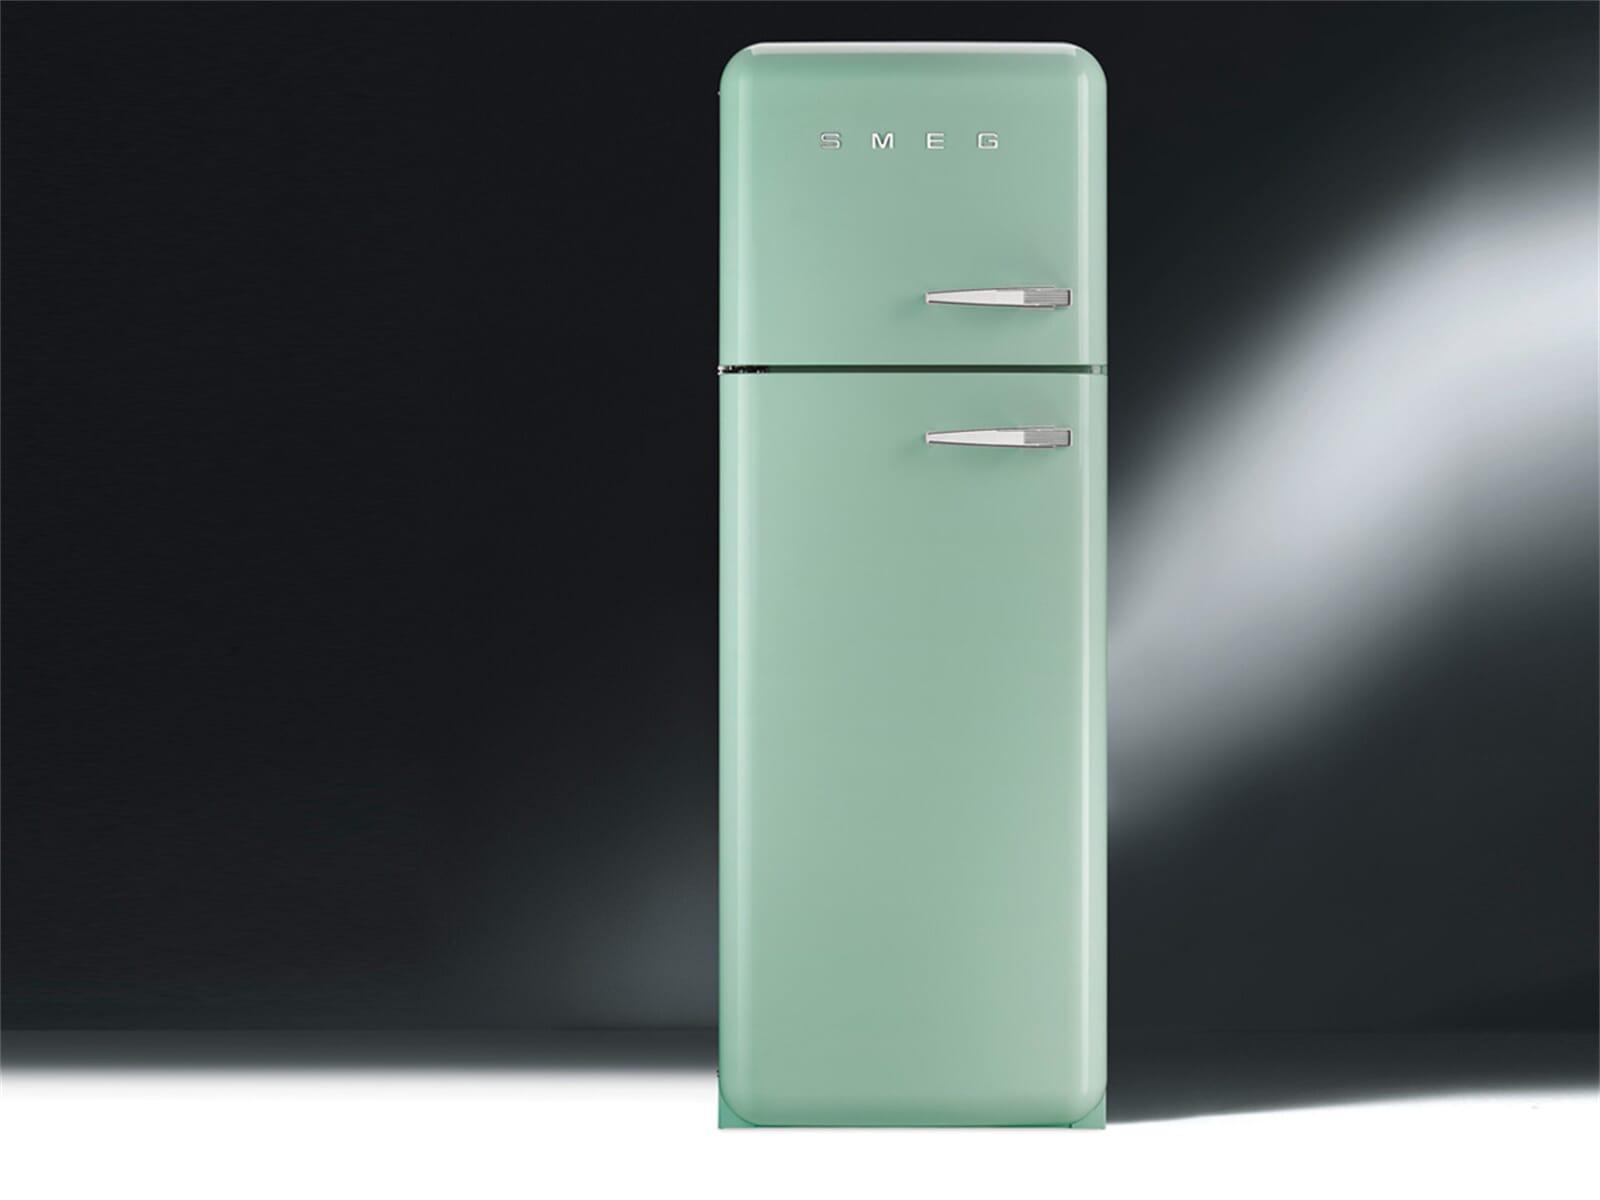 Retro Kühlschrank Pastellgrün : Retro kühlschrank smeg frigorifero smeg fab rr rosso designperte it